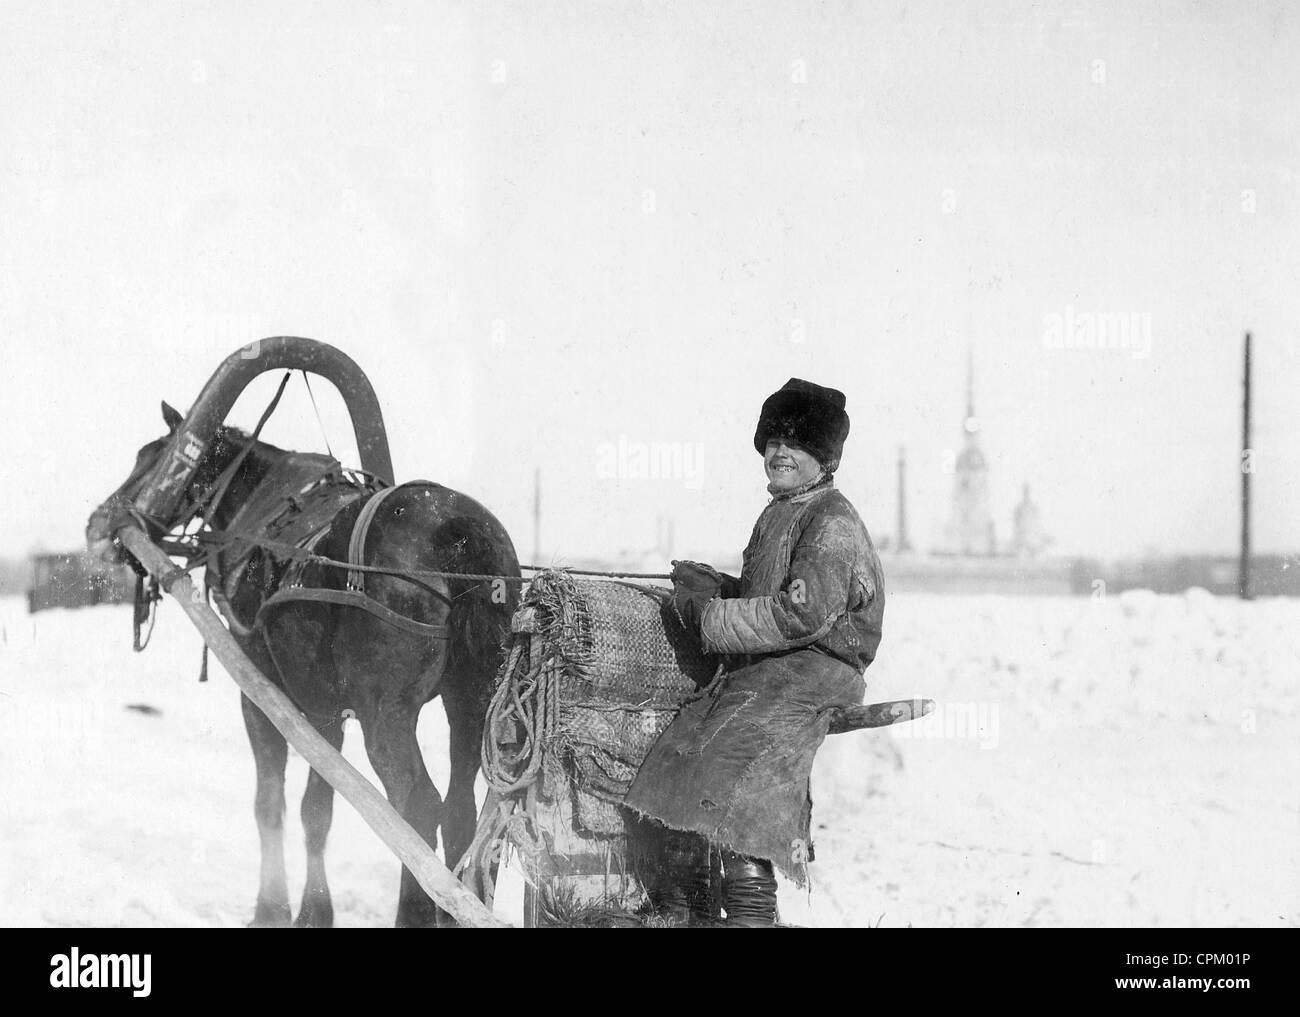 Horse-drawn sleigh on the Neva, 1906 Stock Photo